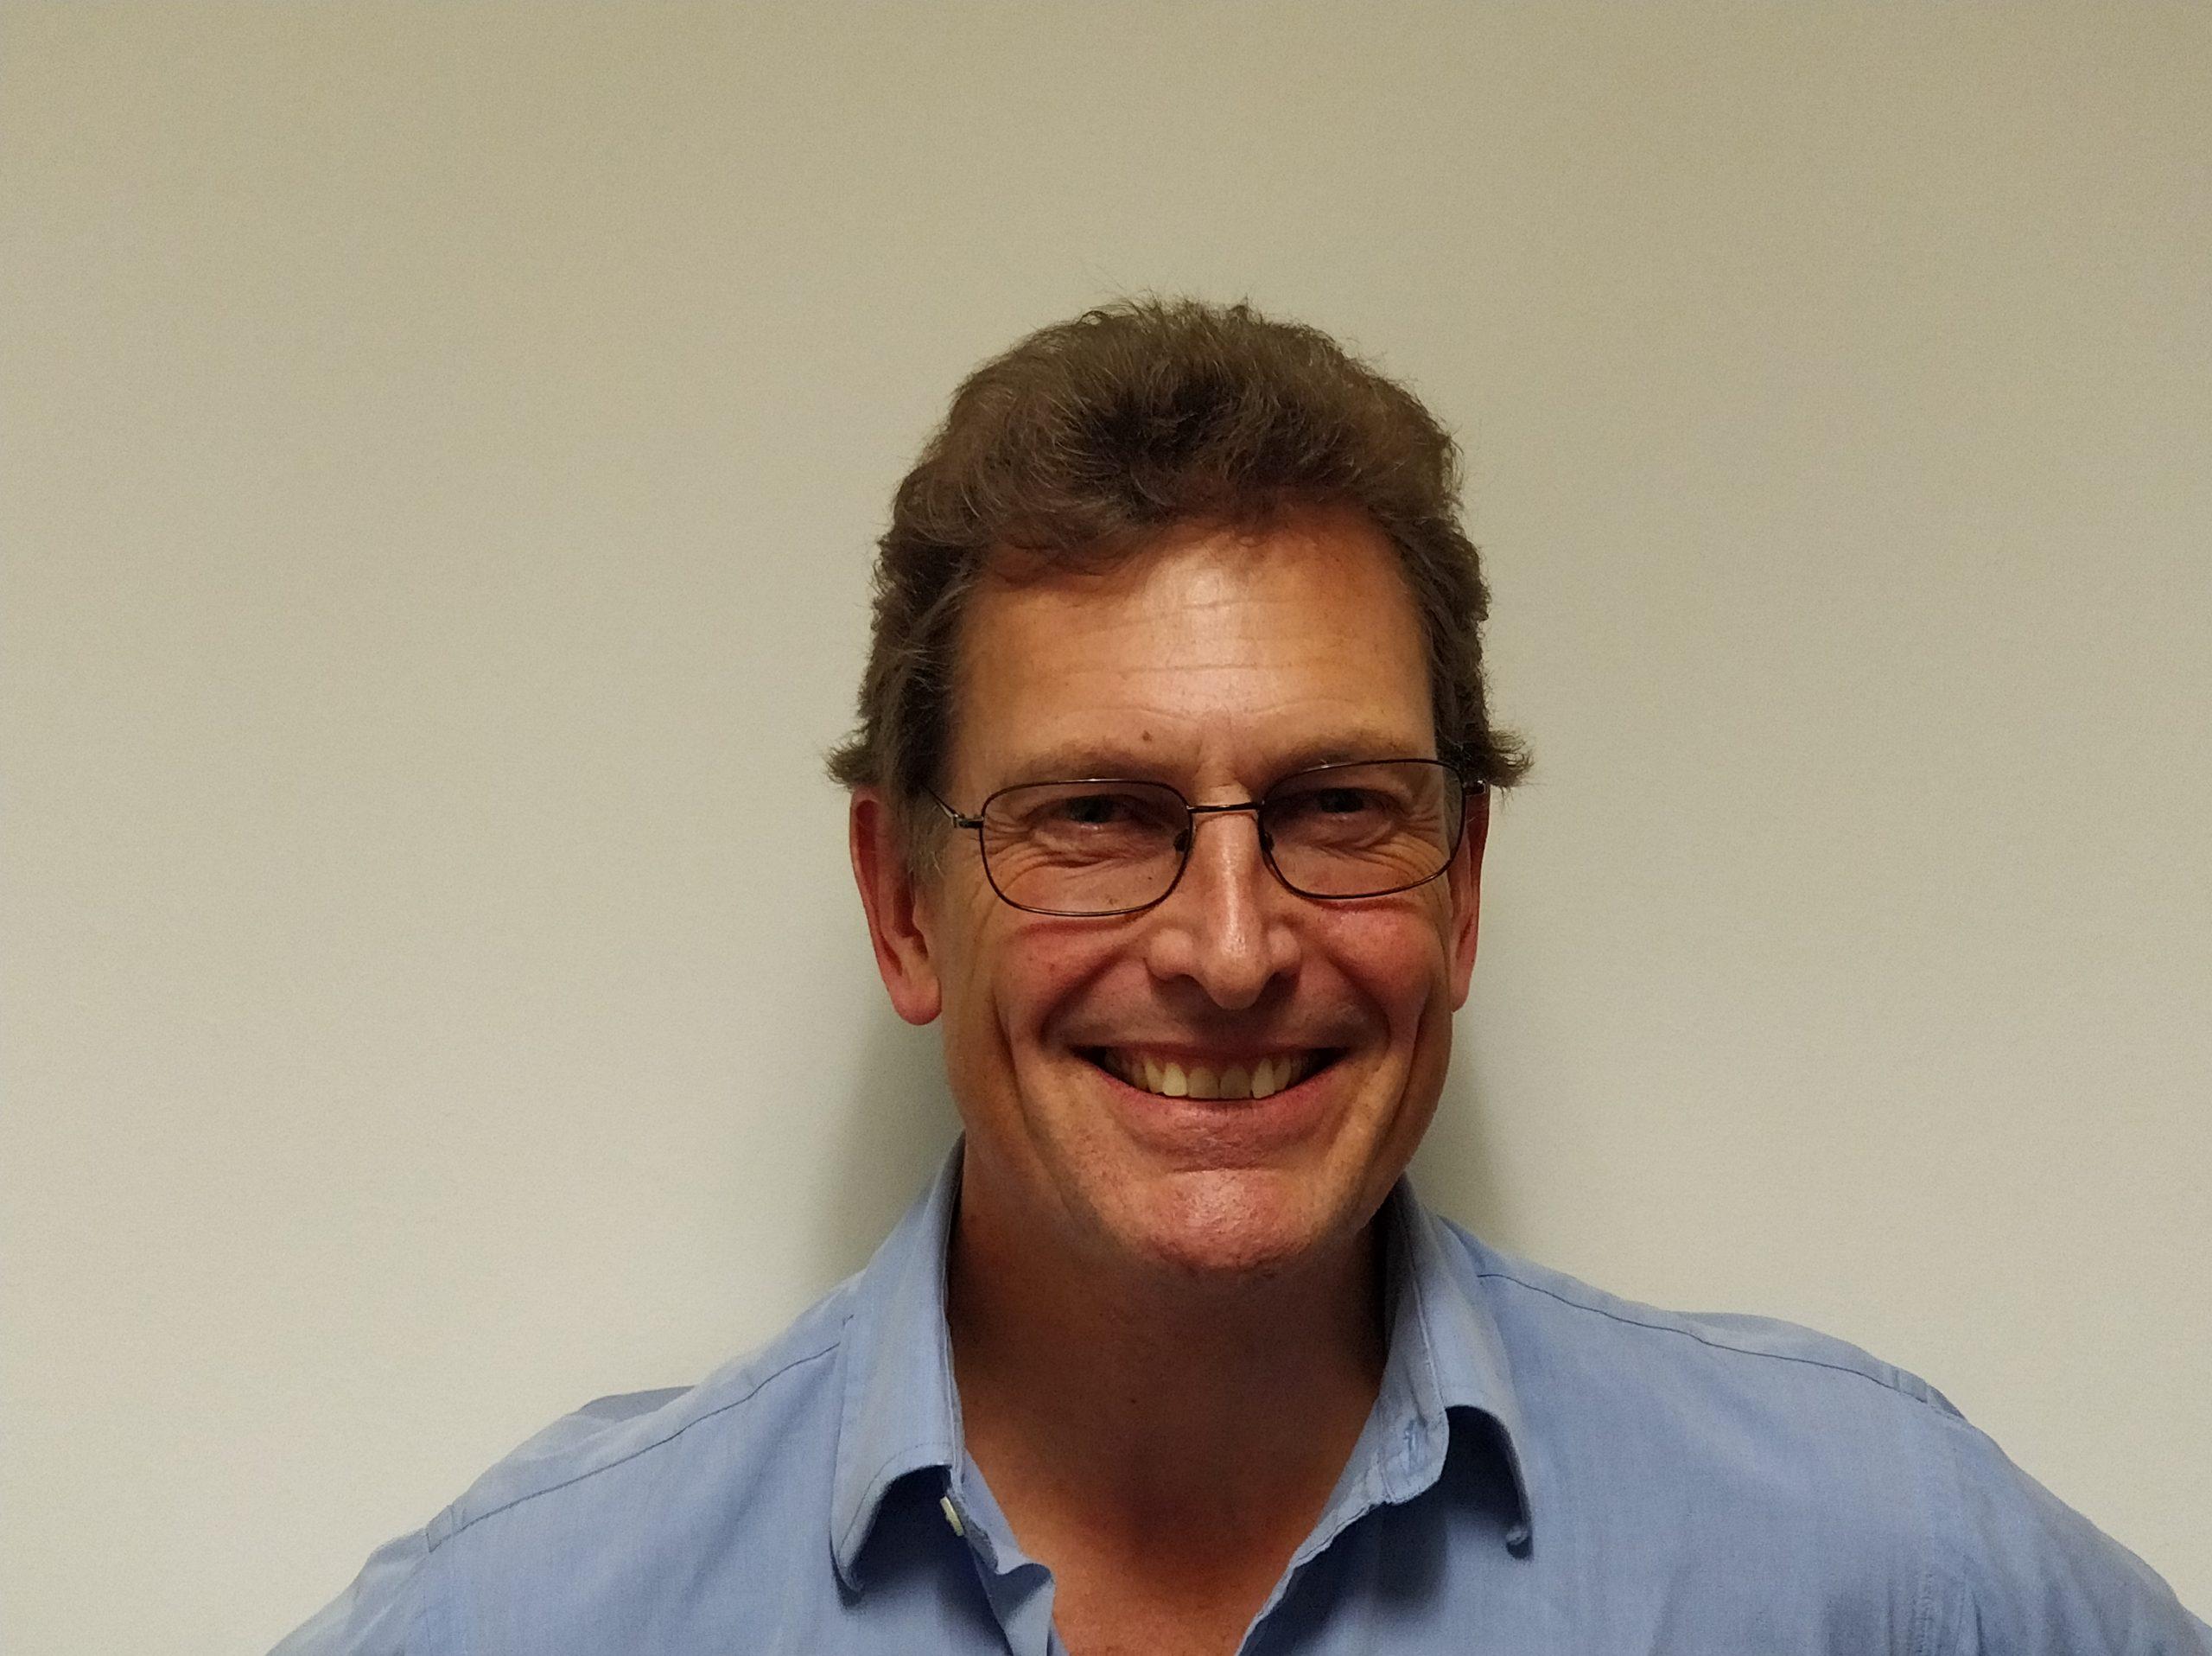 Rupert Goodwin